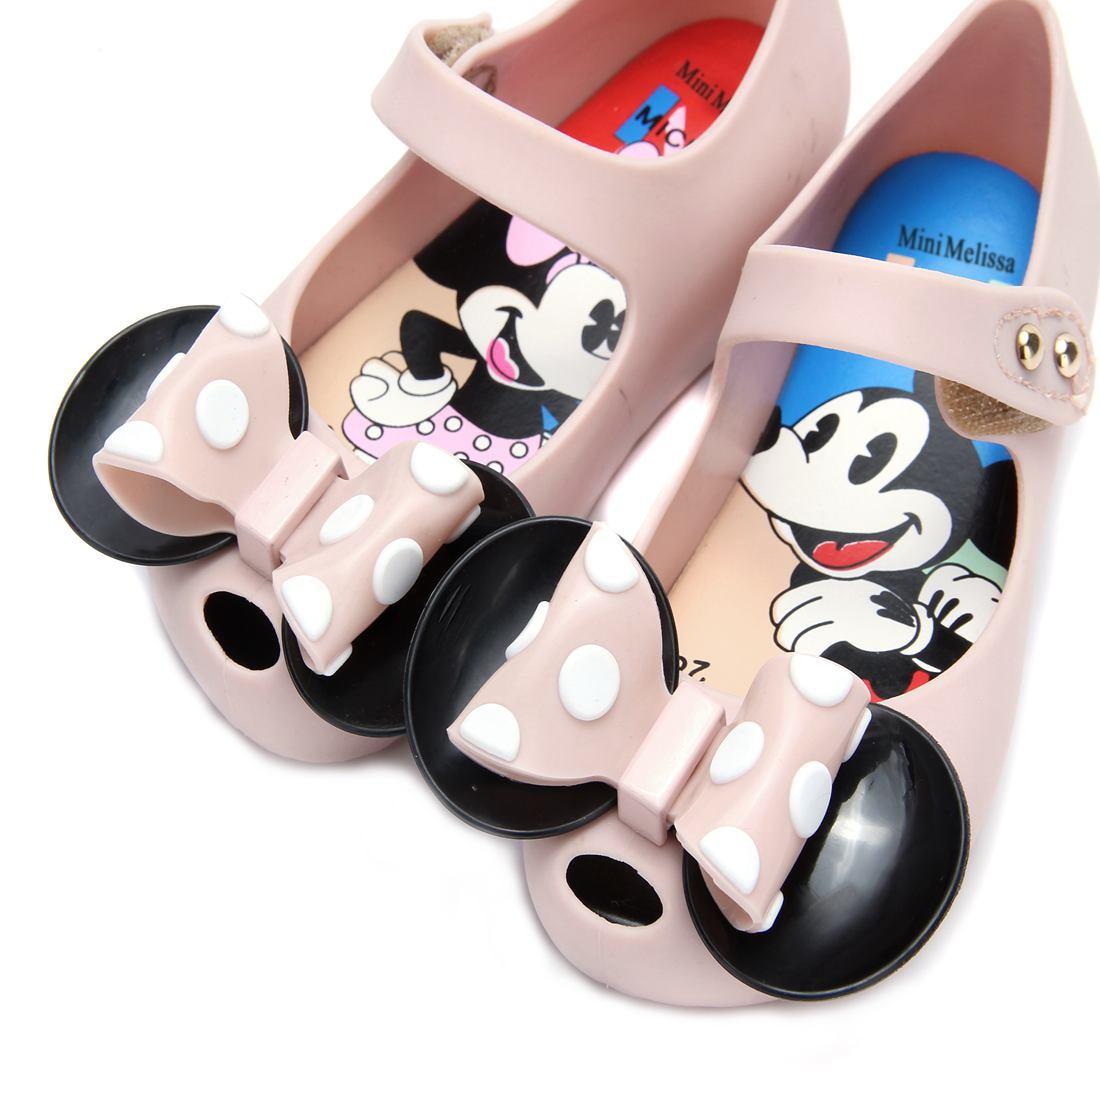 Mini Melissa 2 Layer Bow Mouse Twins Kids Sandały 2018 Nowe zimowe - Obuwie dziecięce - Zdjęcie 4